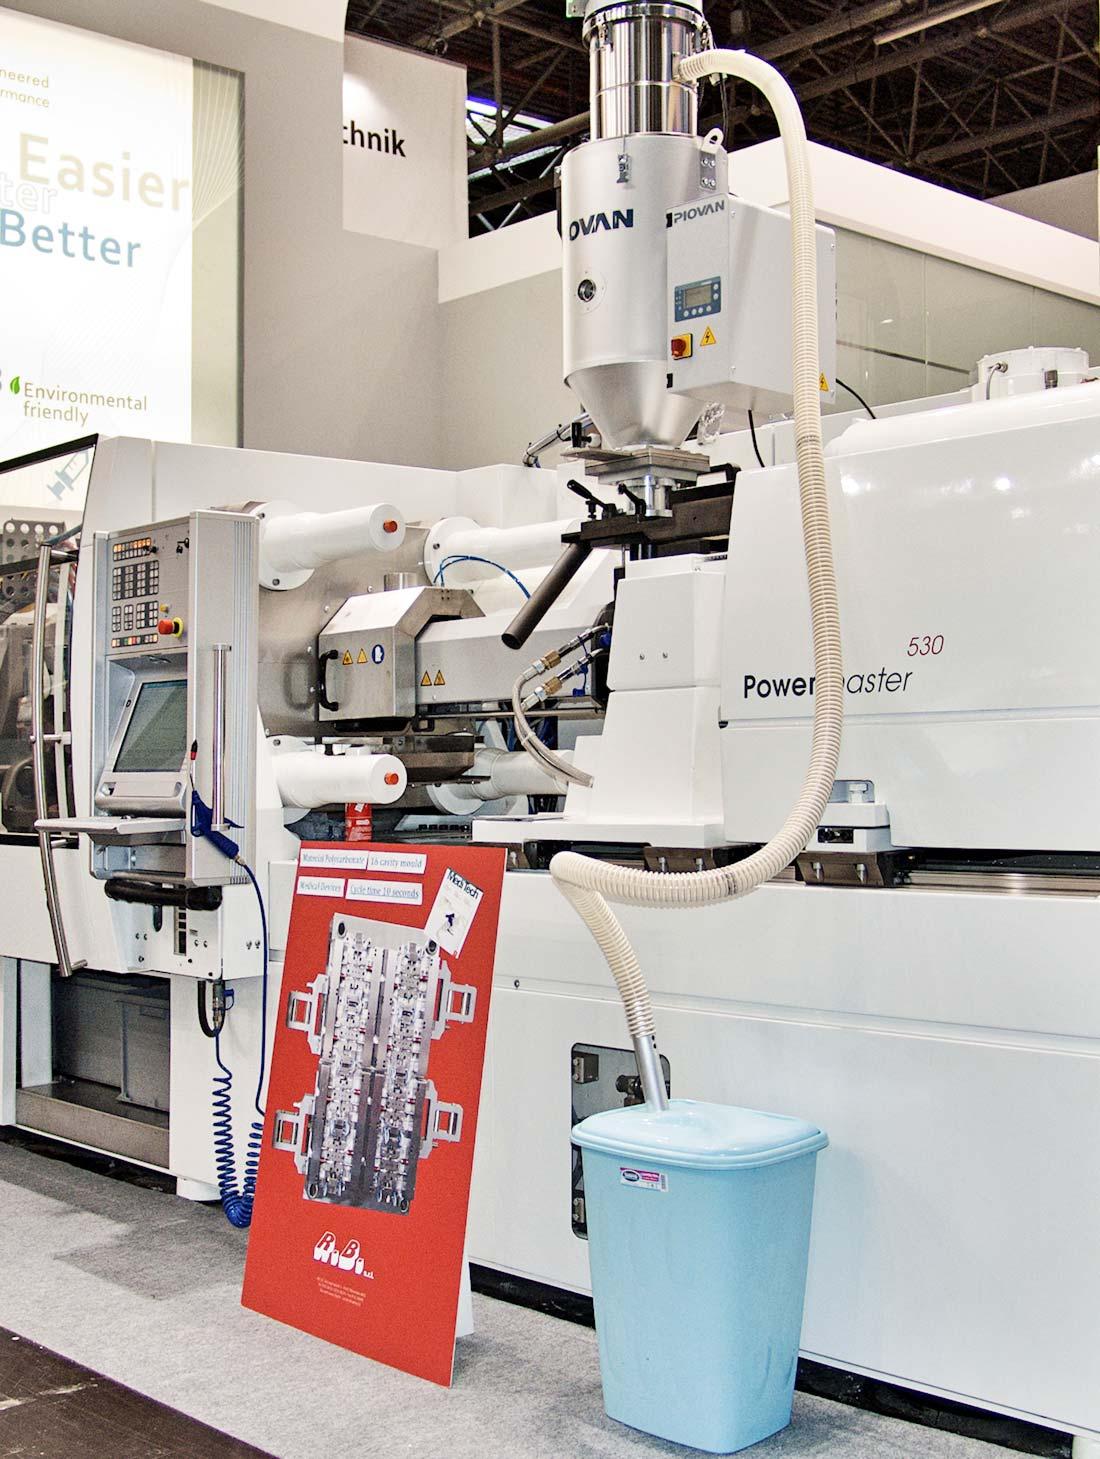 Macchinario in esposizione nello stand HRSflow allestito in occasione della fiera internazionale K 2013 al quartiere fieristico di Düsseldorf